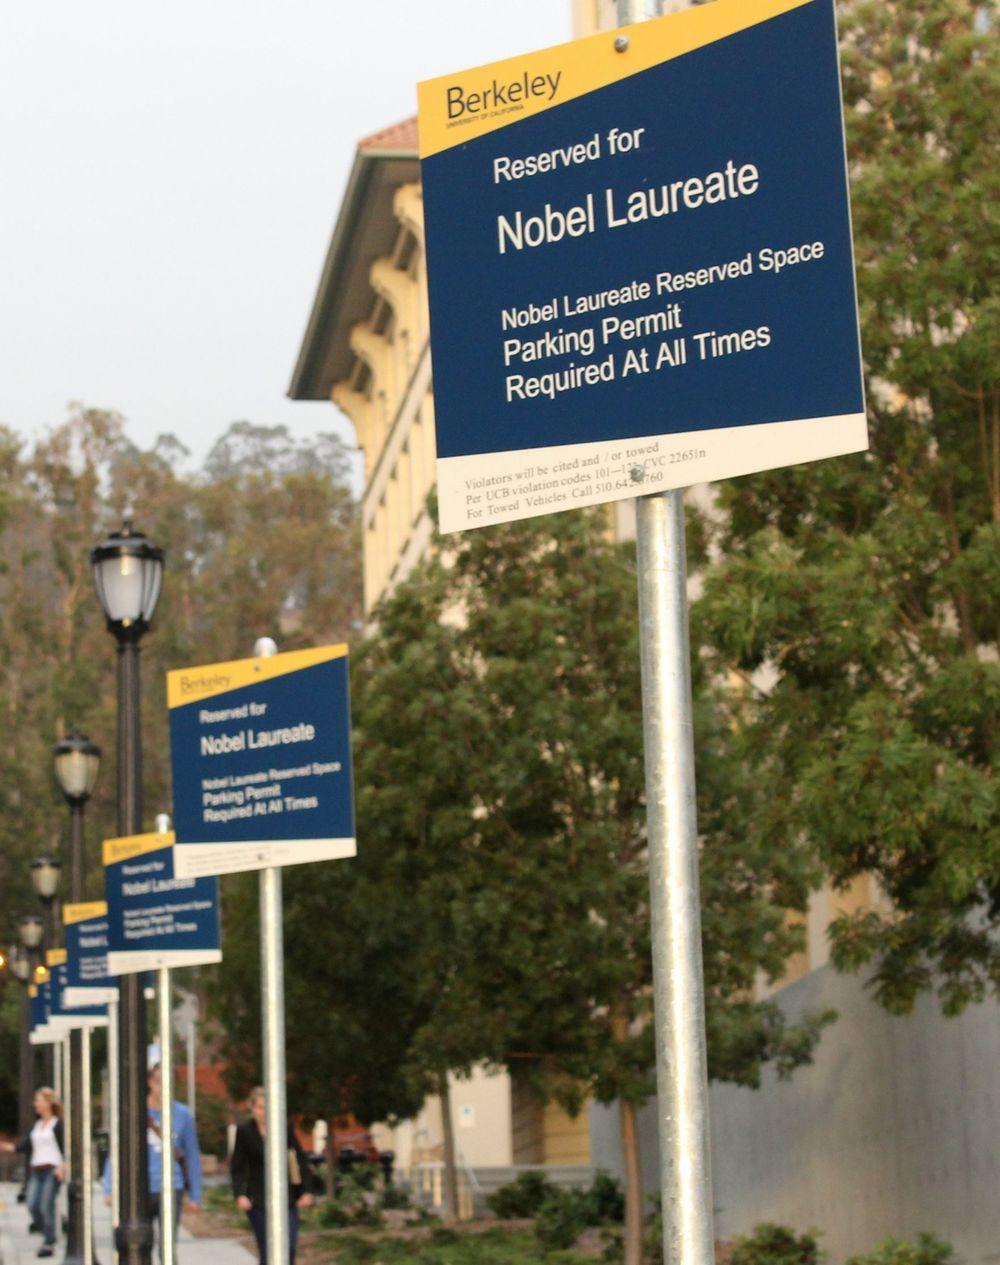 Stationnement réservé pour les lauréats d'un prix Nobel, Campus de Berkeley, San Francisco, CA, USA